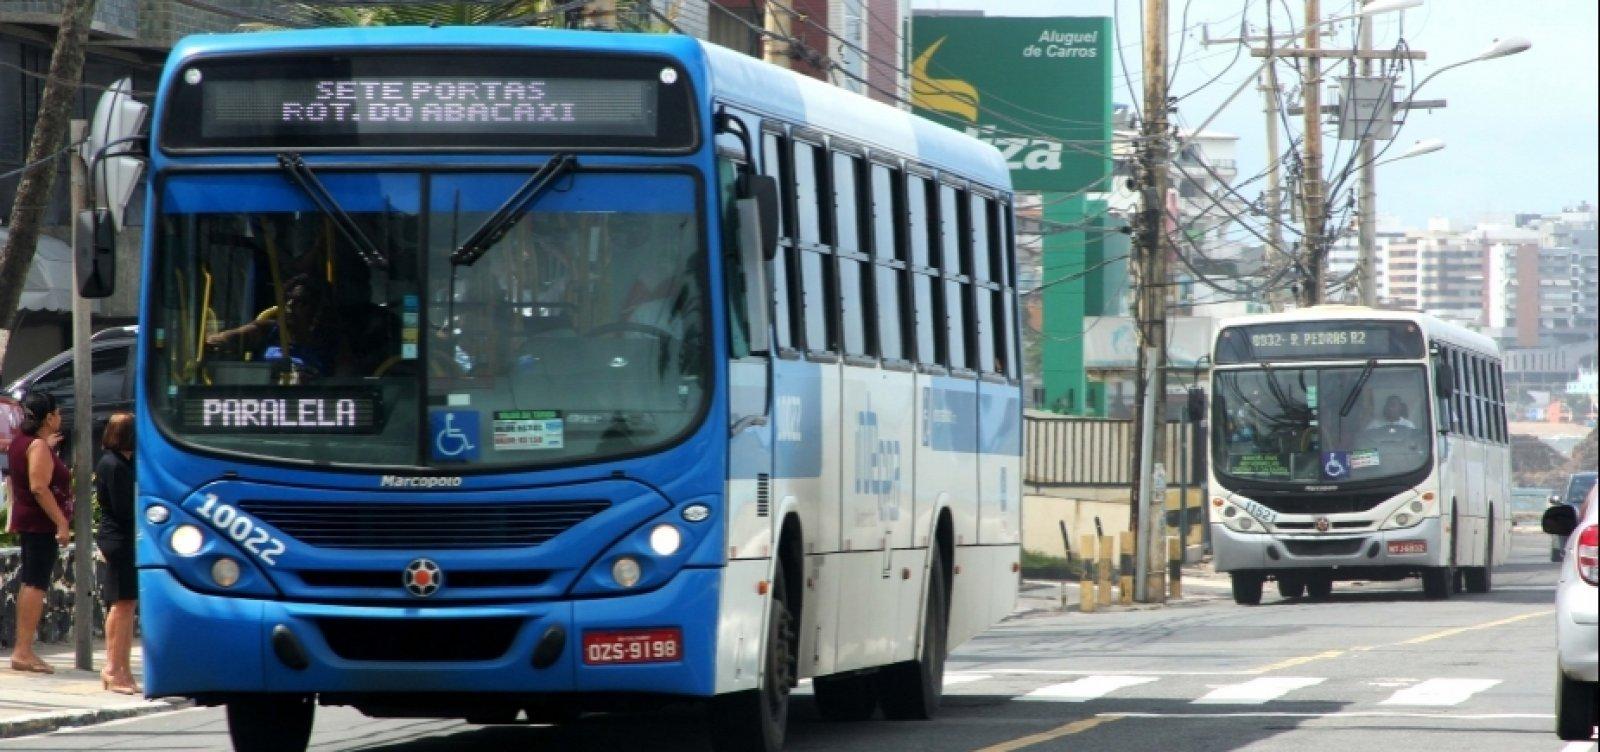 [Após atraso, 30 ônibus com ar-condicionado para orla devem ser entregues até dia 27]